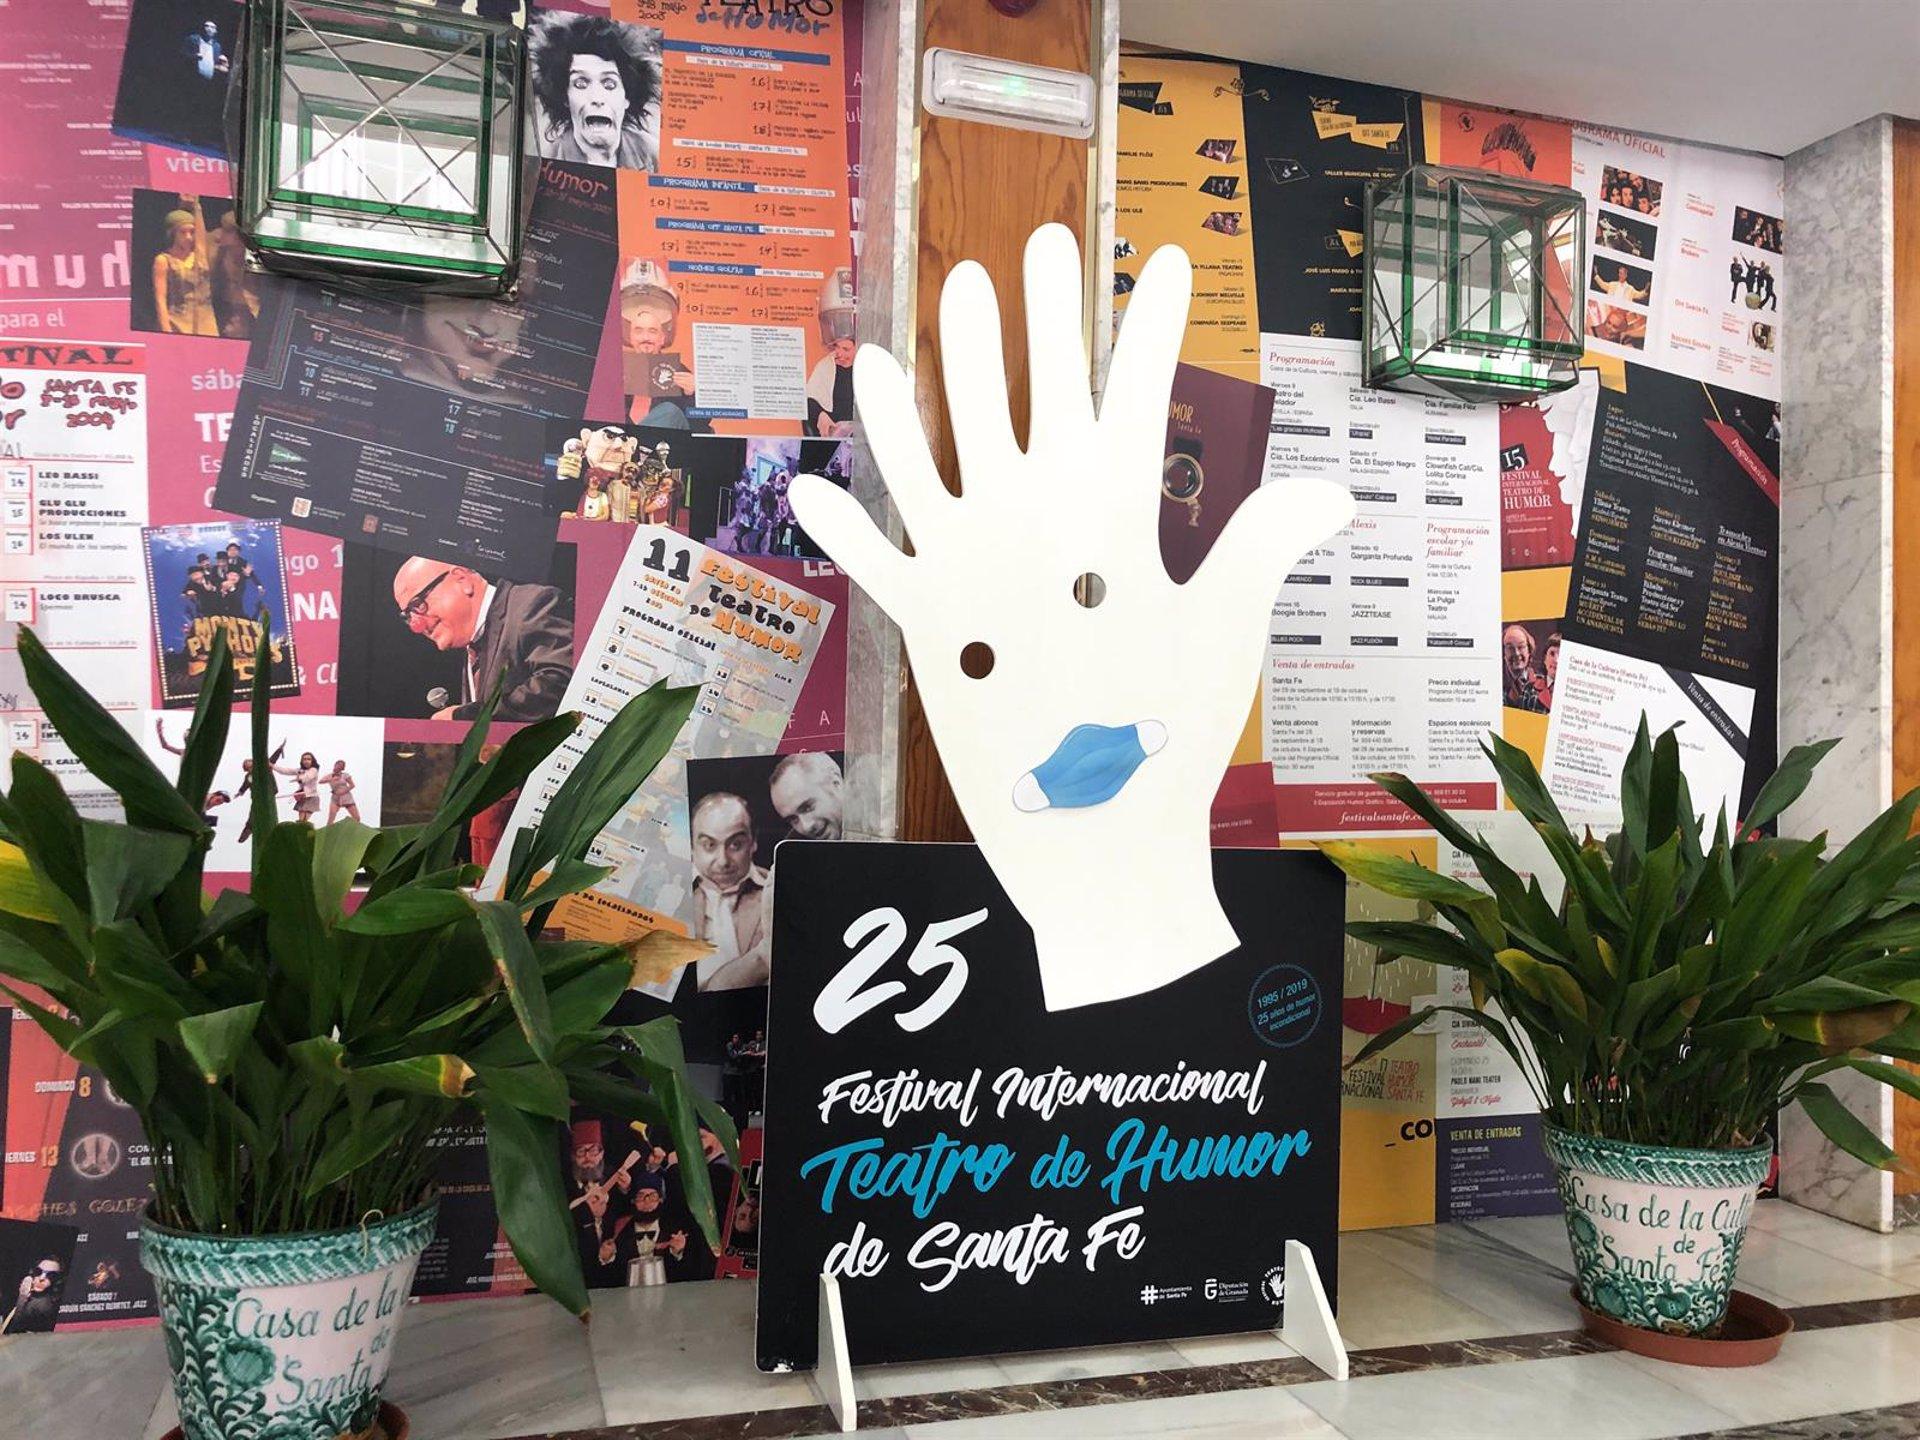 Santa Fe suspende la edición de su Festival Internacional de Teatro de Humor